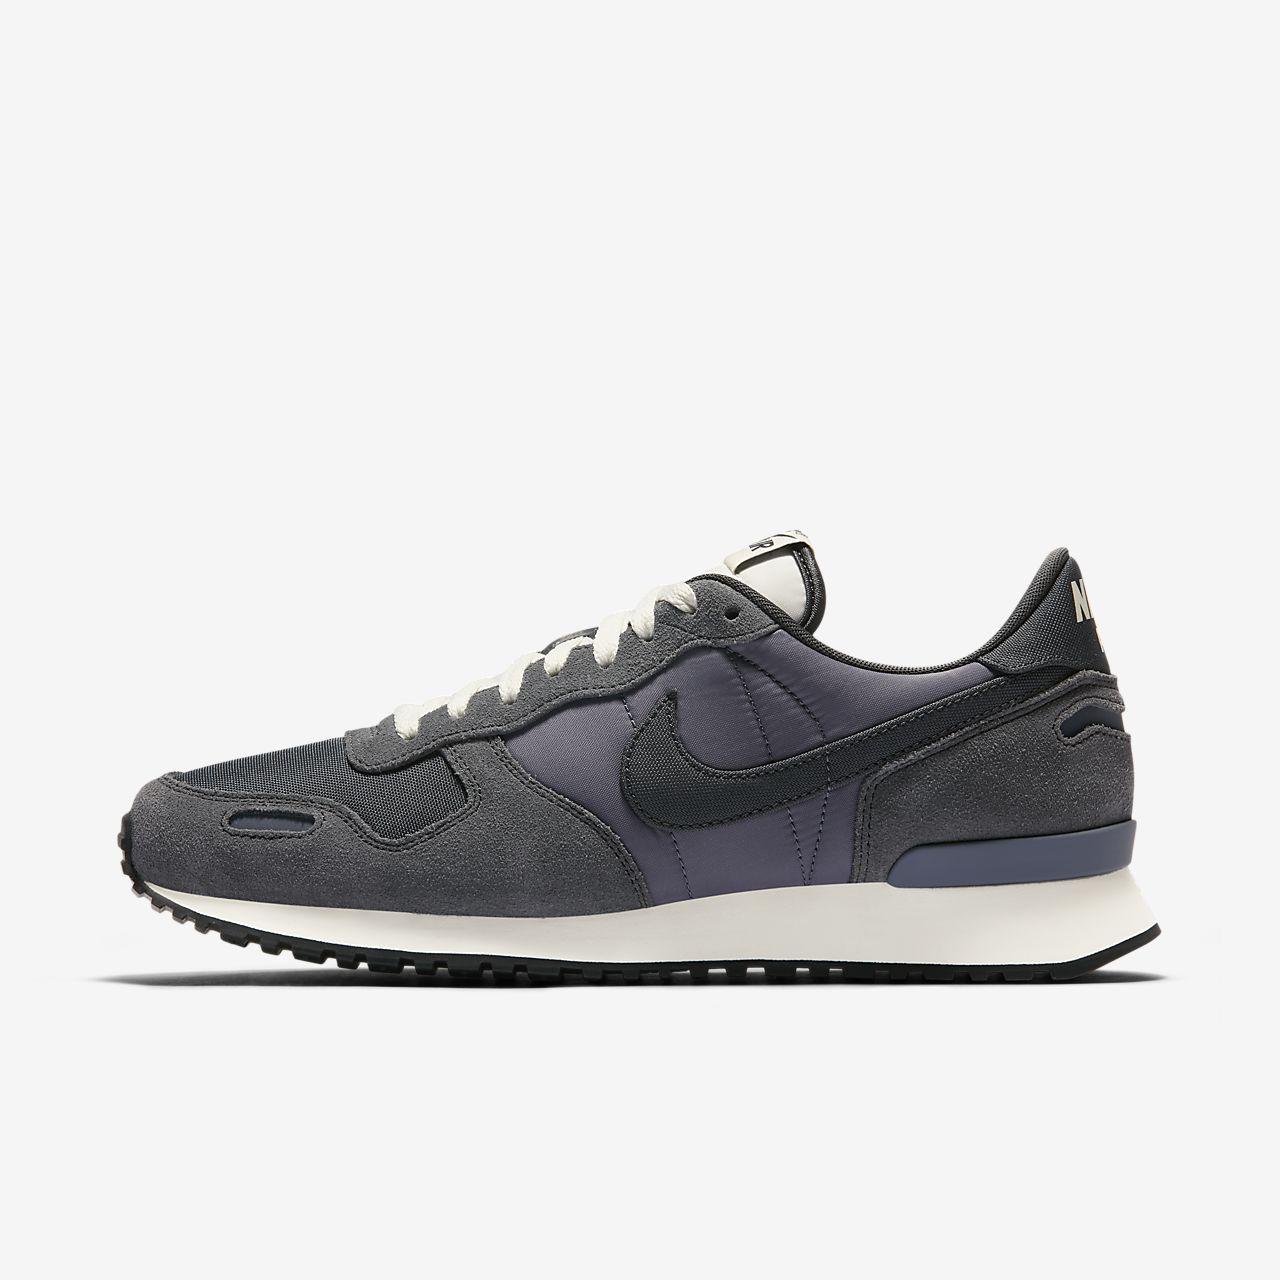 Chaussures Nike Vortex Gris 47 Hommes J8sioCc